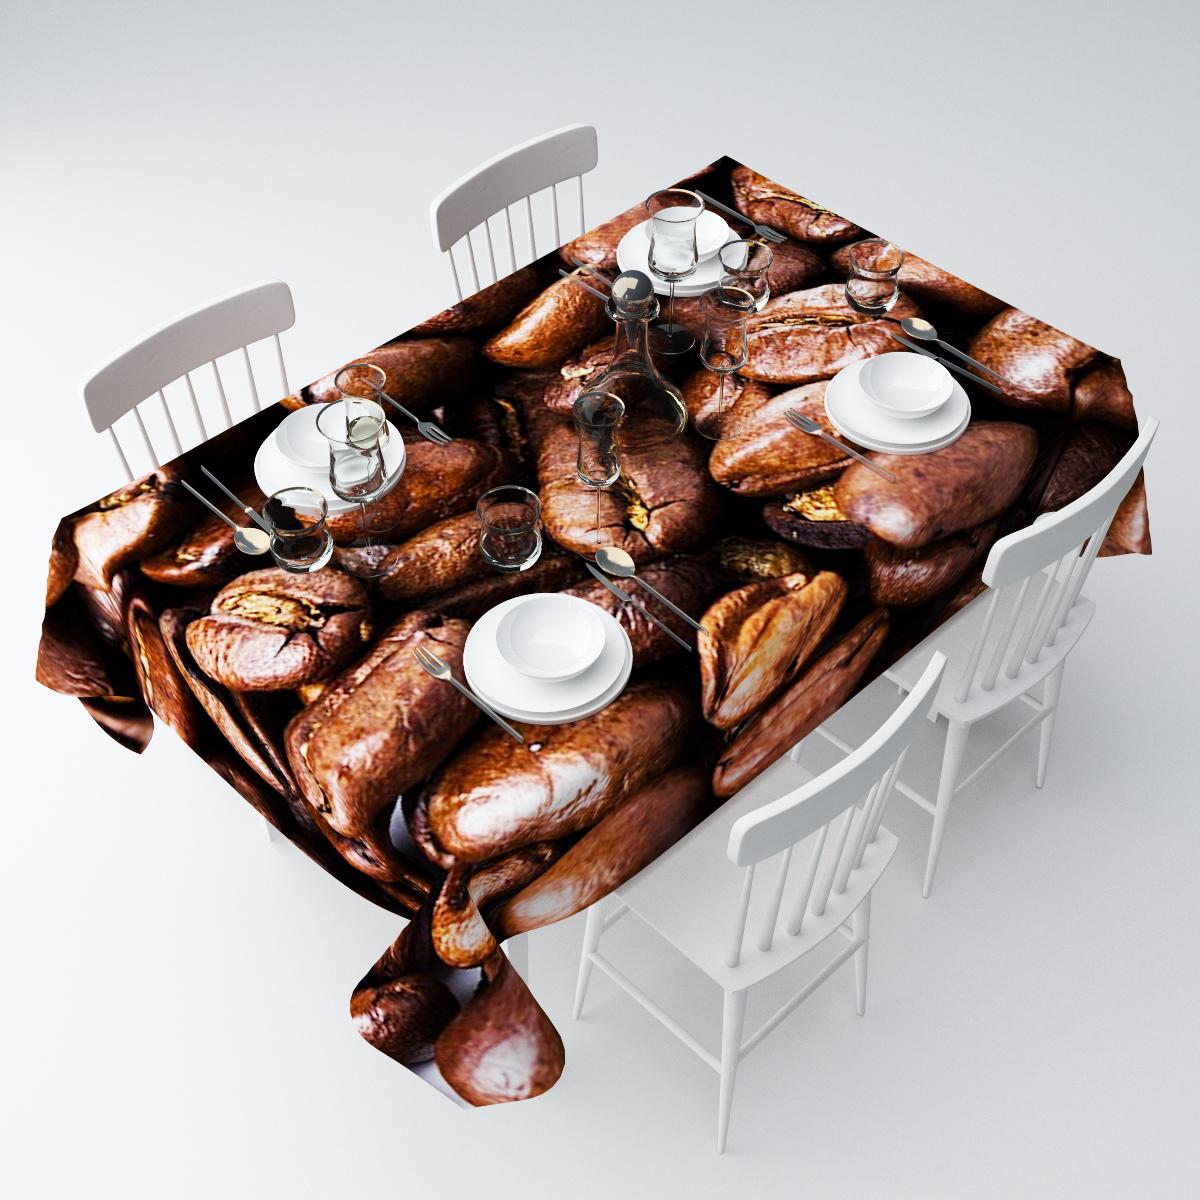 Скатерть Сирень Ароматный кофе, прямоугольная, 145 х 220 смСКГБ004-00992Прямоугольная скатерть Сирень Ароматный кофе, выполненная из габардина с ярким рисунком, преобразит вашу кухню, визуально расширит пространство, создаст атмосферу радости и комфорта. Рекомендации по уходу: стирка при 30 градусах, гладить при температуре до 110 градусов.Размер скатерти: 145 х 220 см. Изображение может немного отличаться от реального.